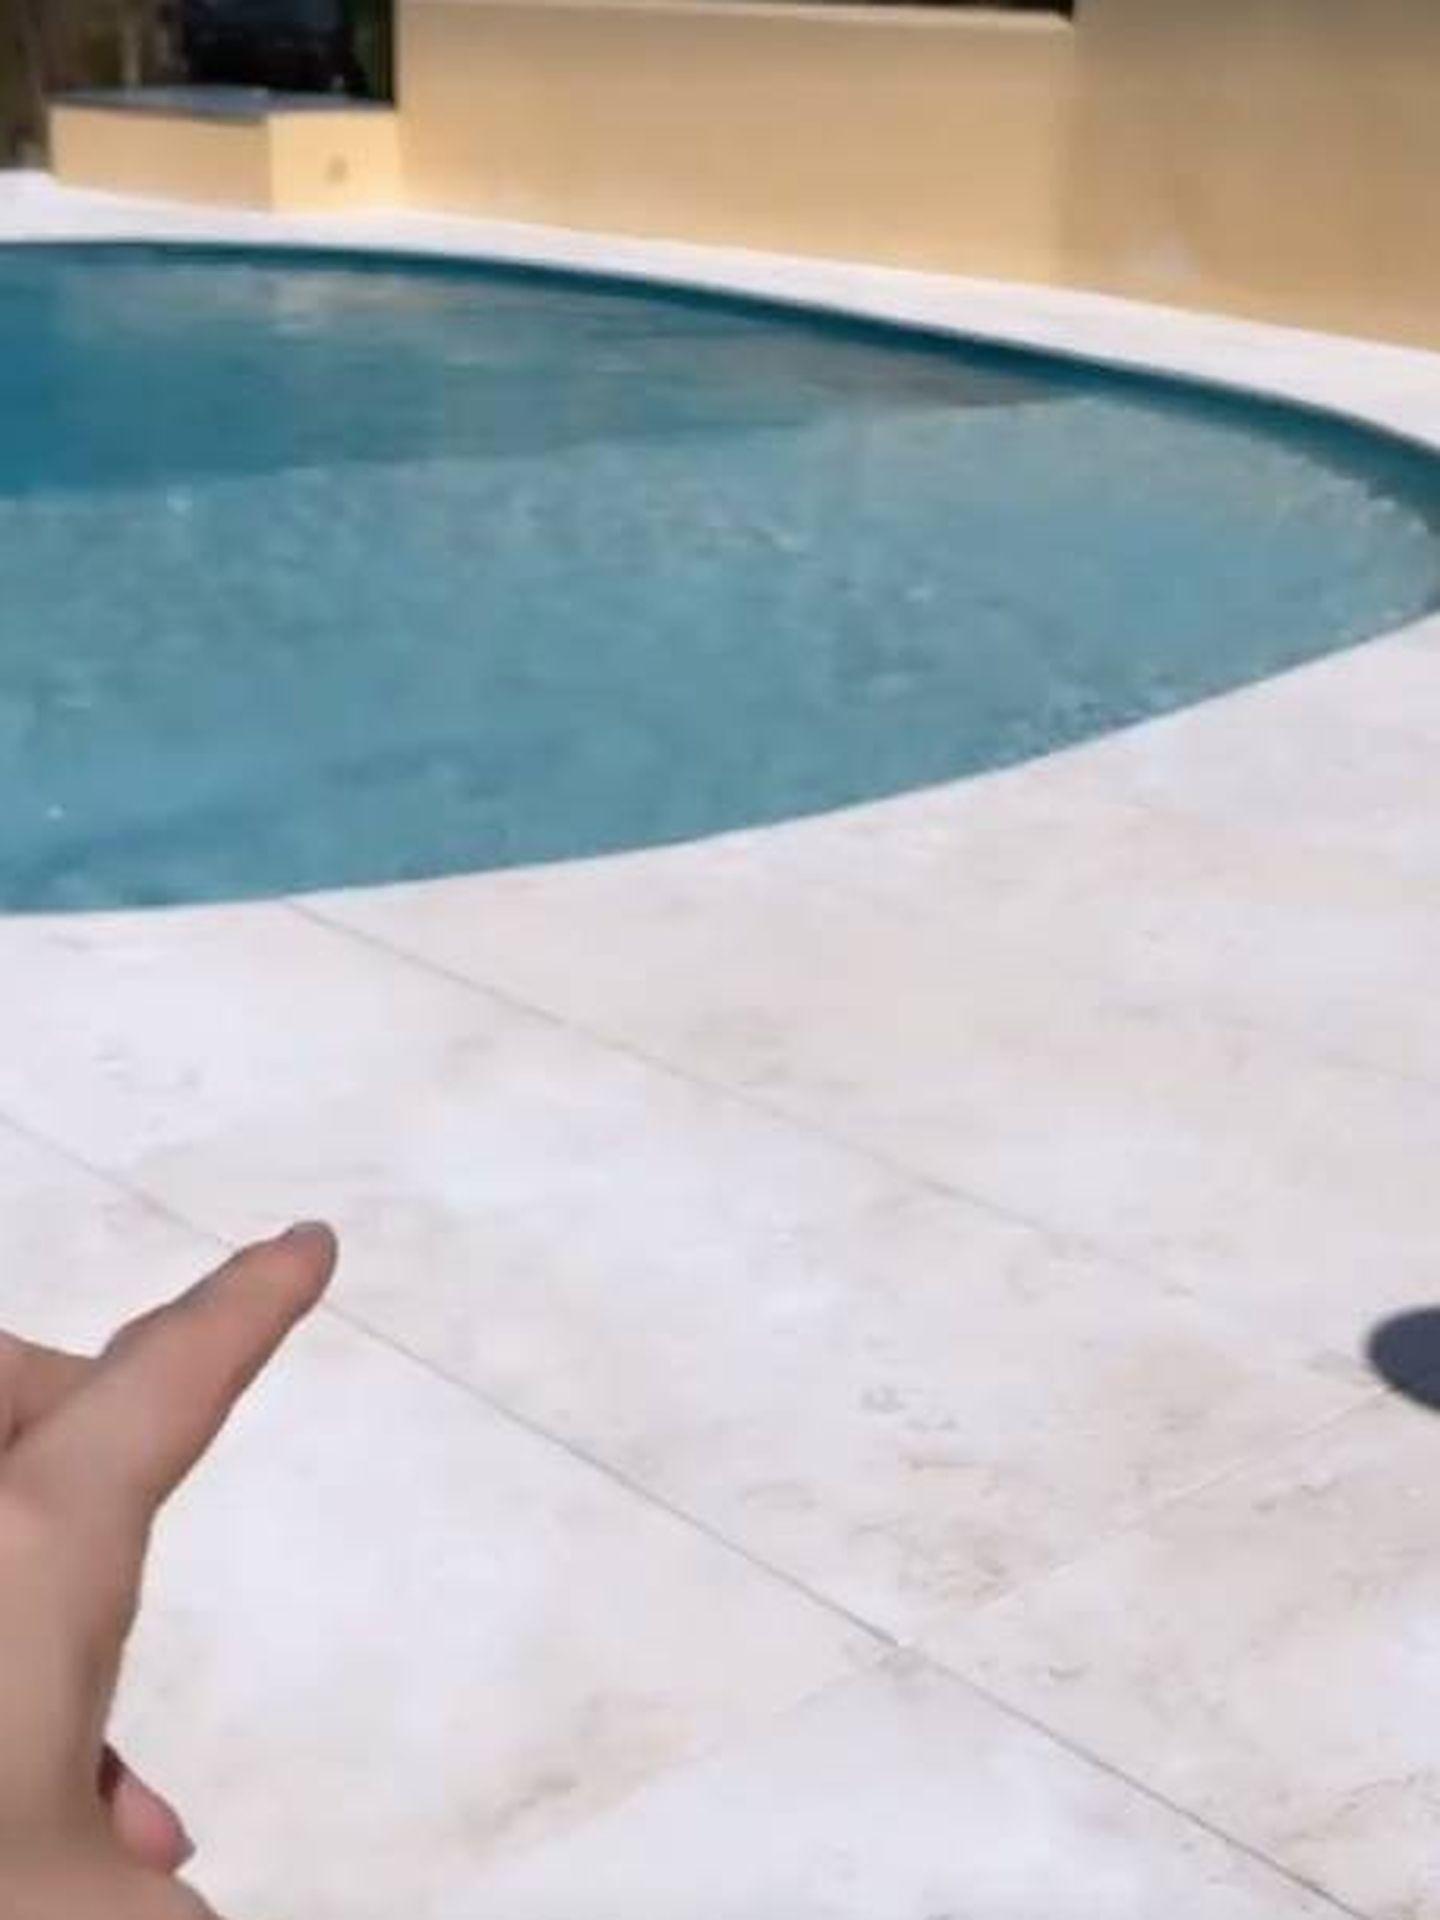 La nueva imagen de la piscina de Rocío Osorno. (Instagram @rocio0sorno)